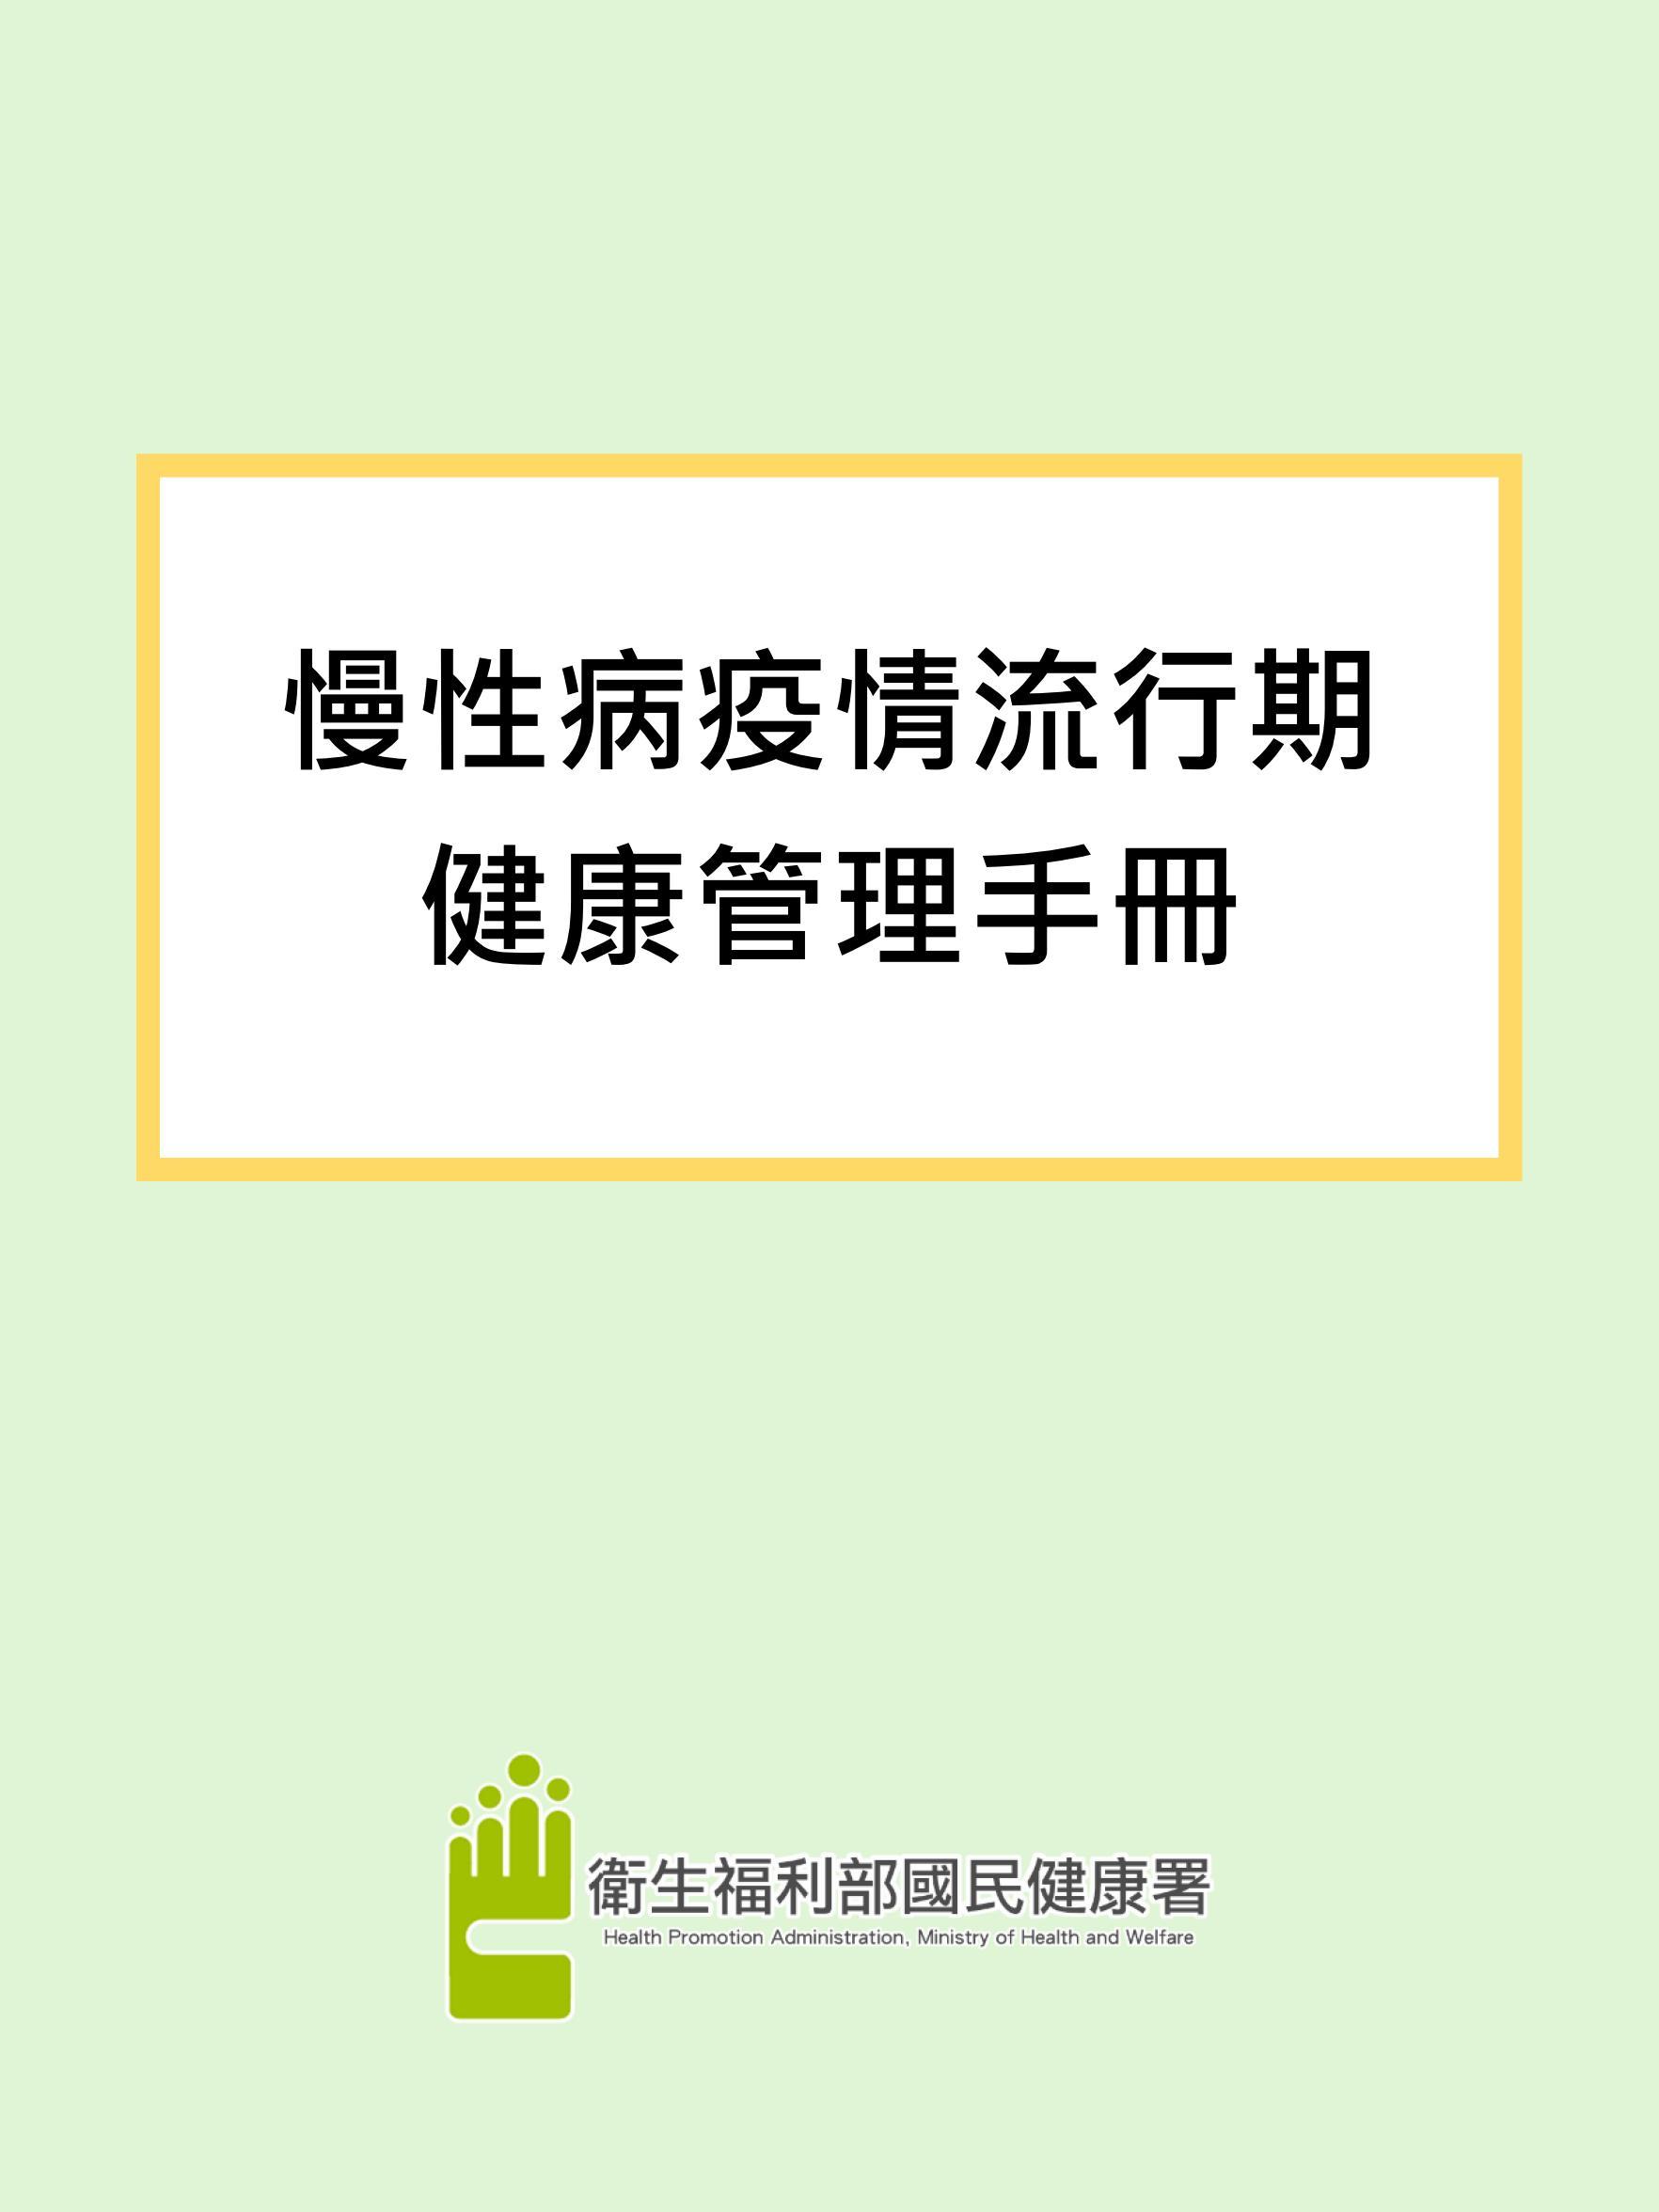 慢性病疫情流行期健康管理手冊